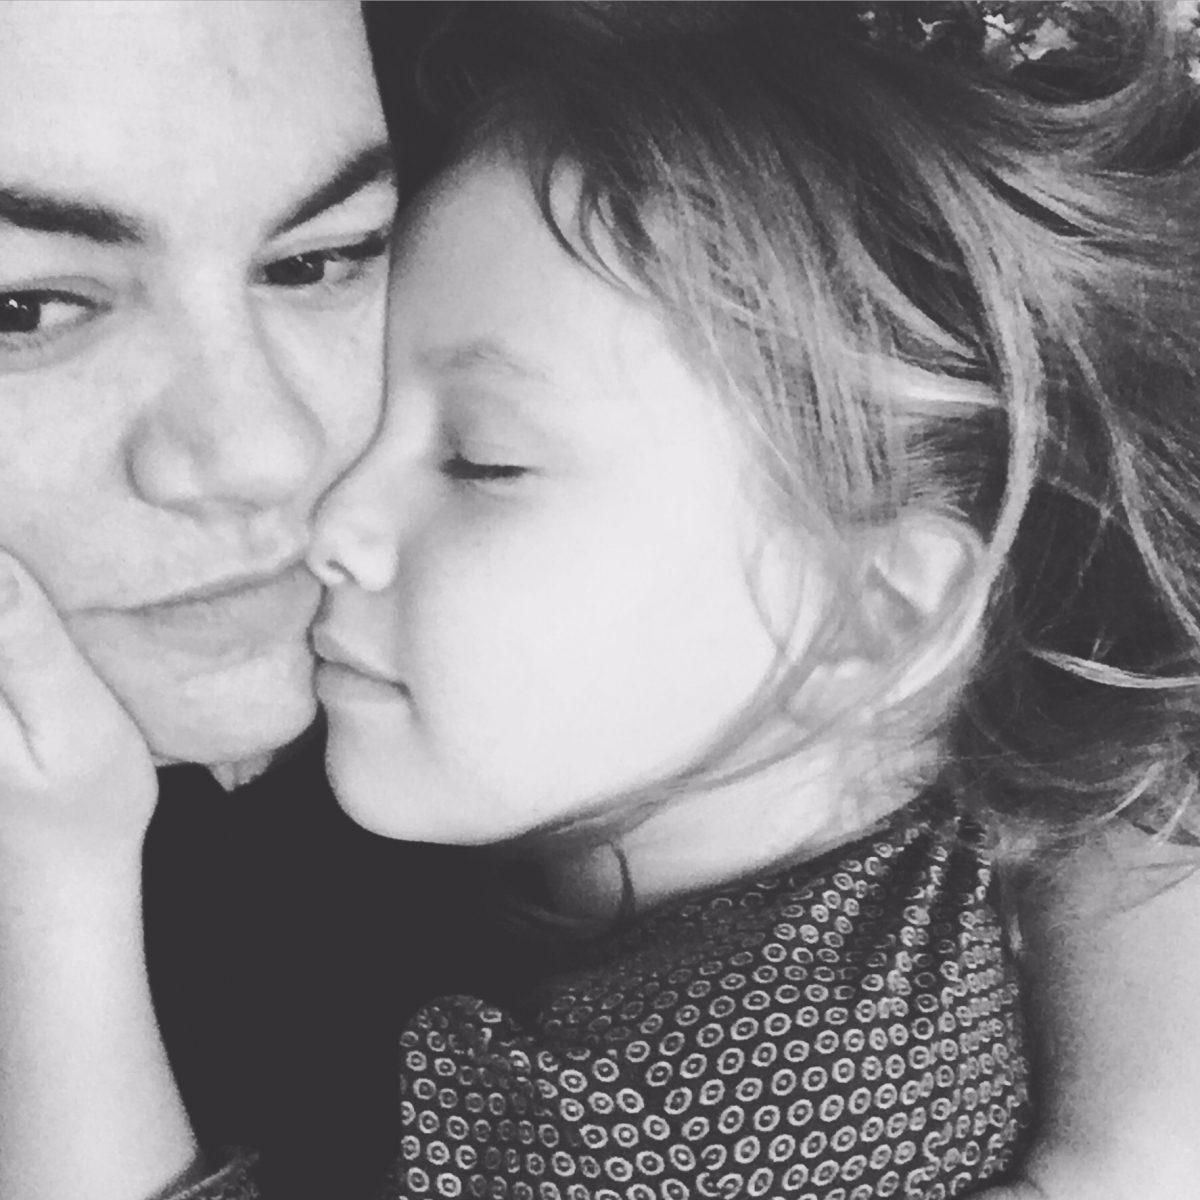 Wochenende in Bilder, Porträt, Mutter und Tochter, Mutterliebe